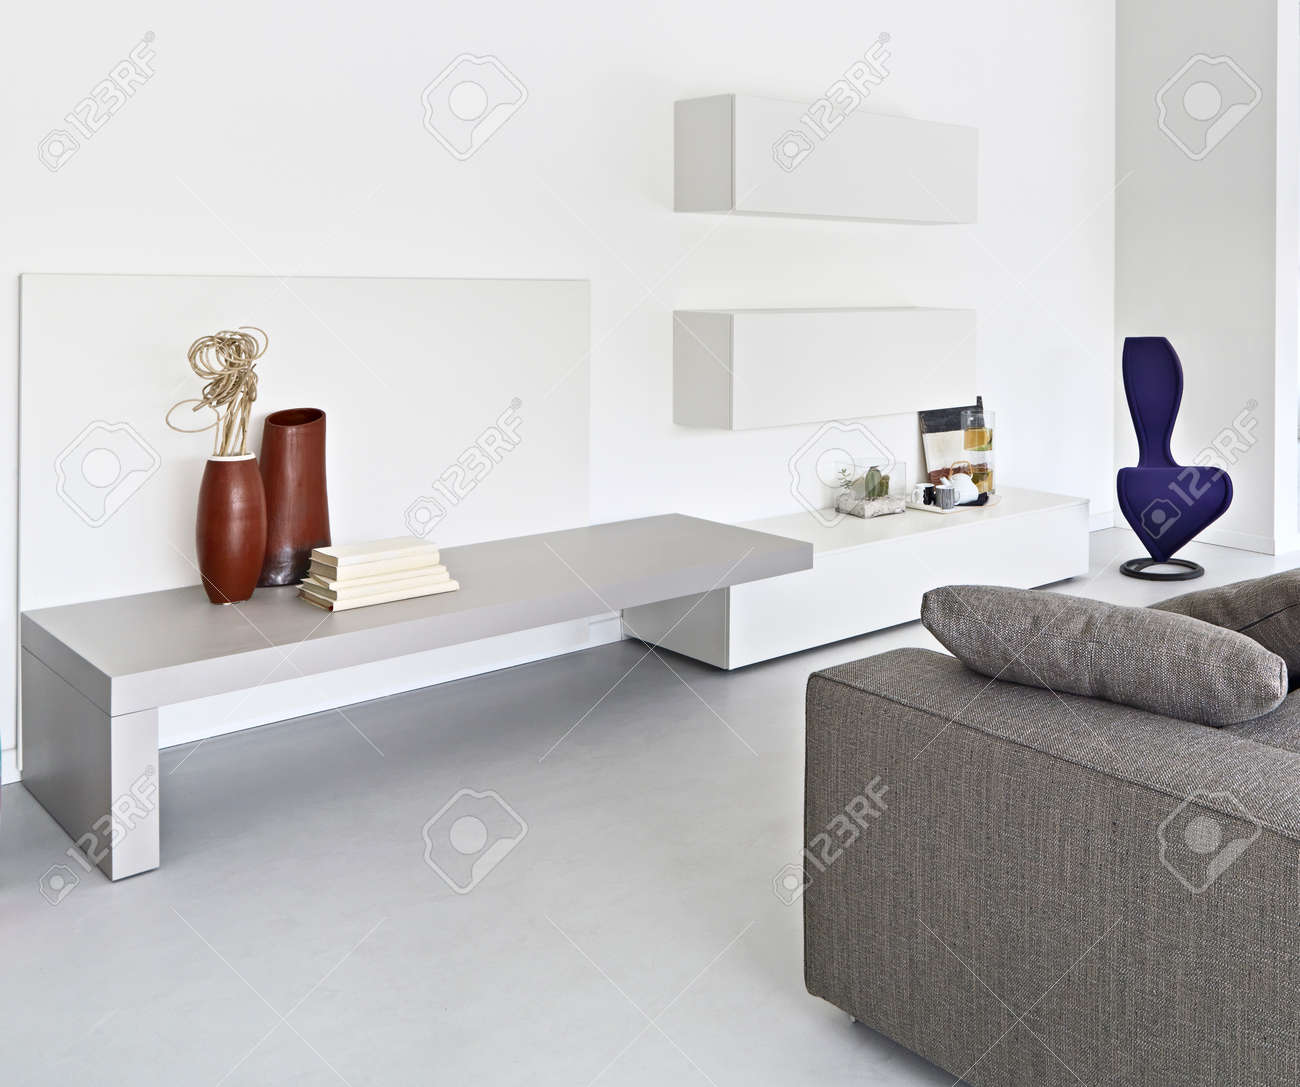 Vue de l\'intérieur d\'un salon moderne avec canapé en tissu et plancher de  béton